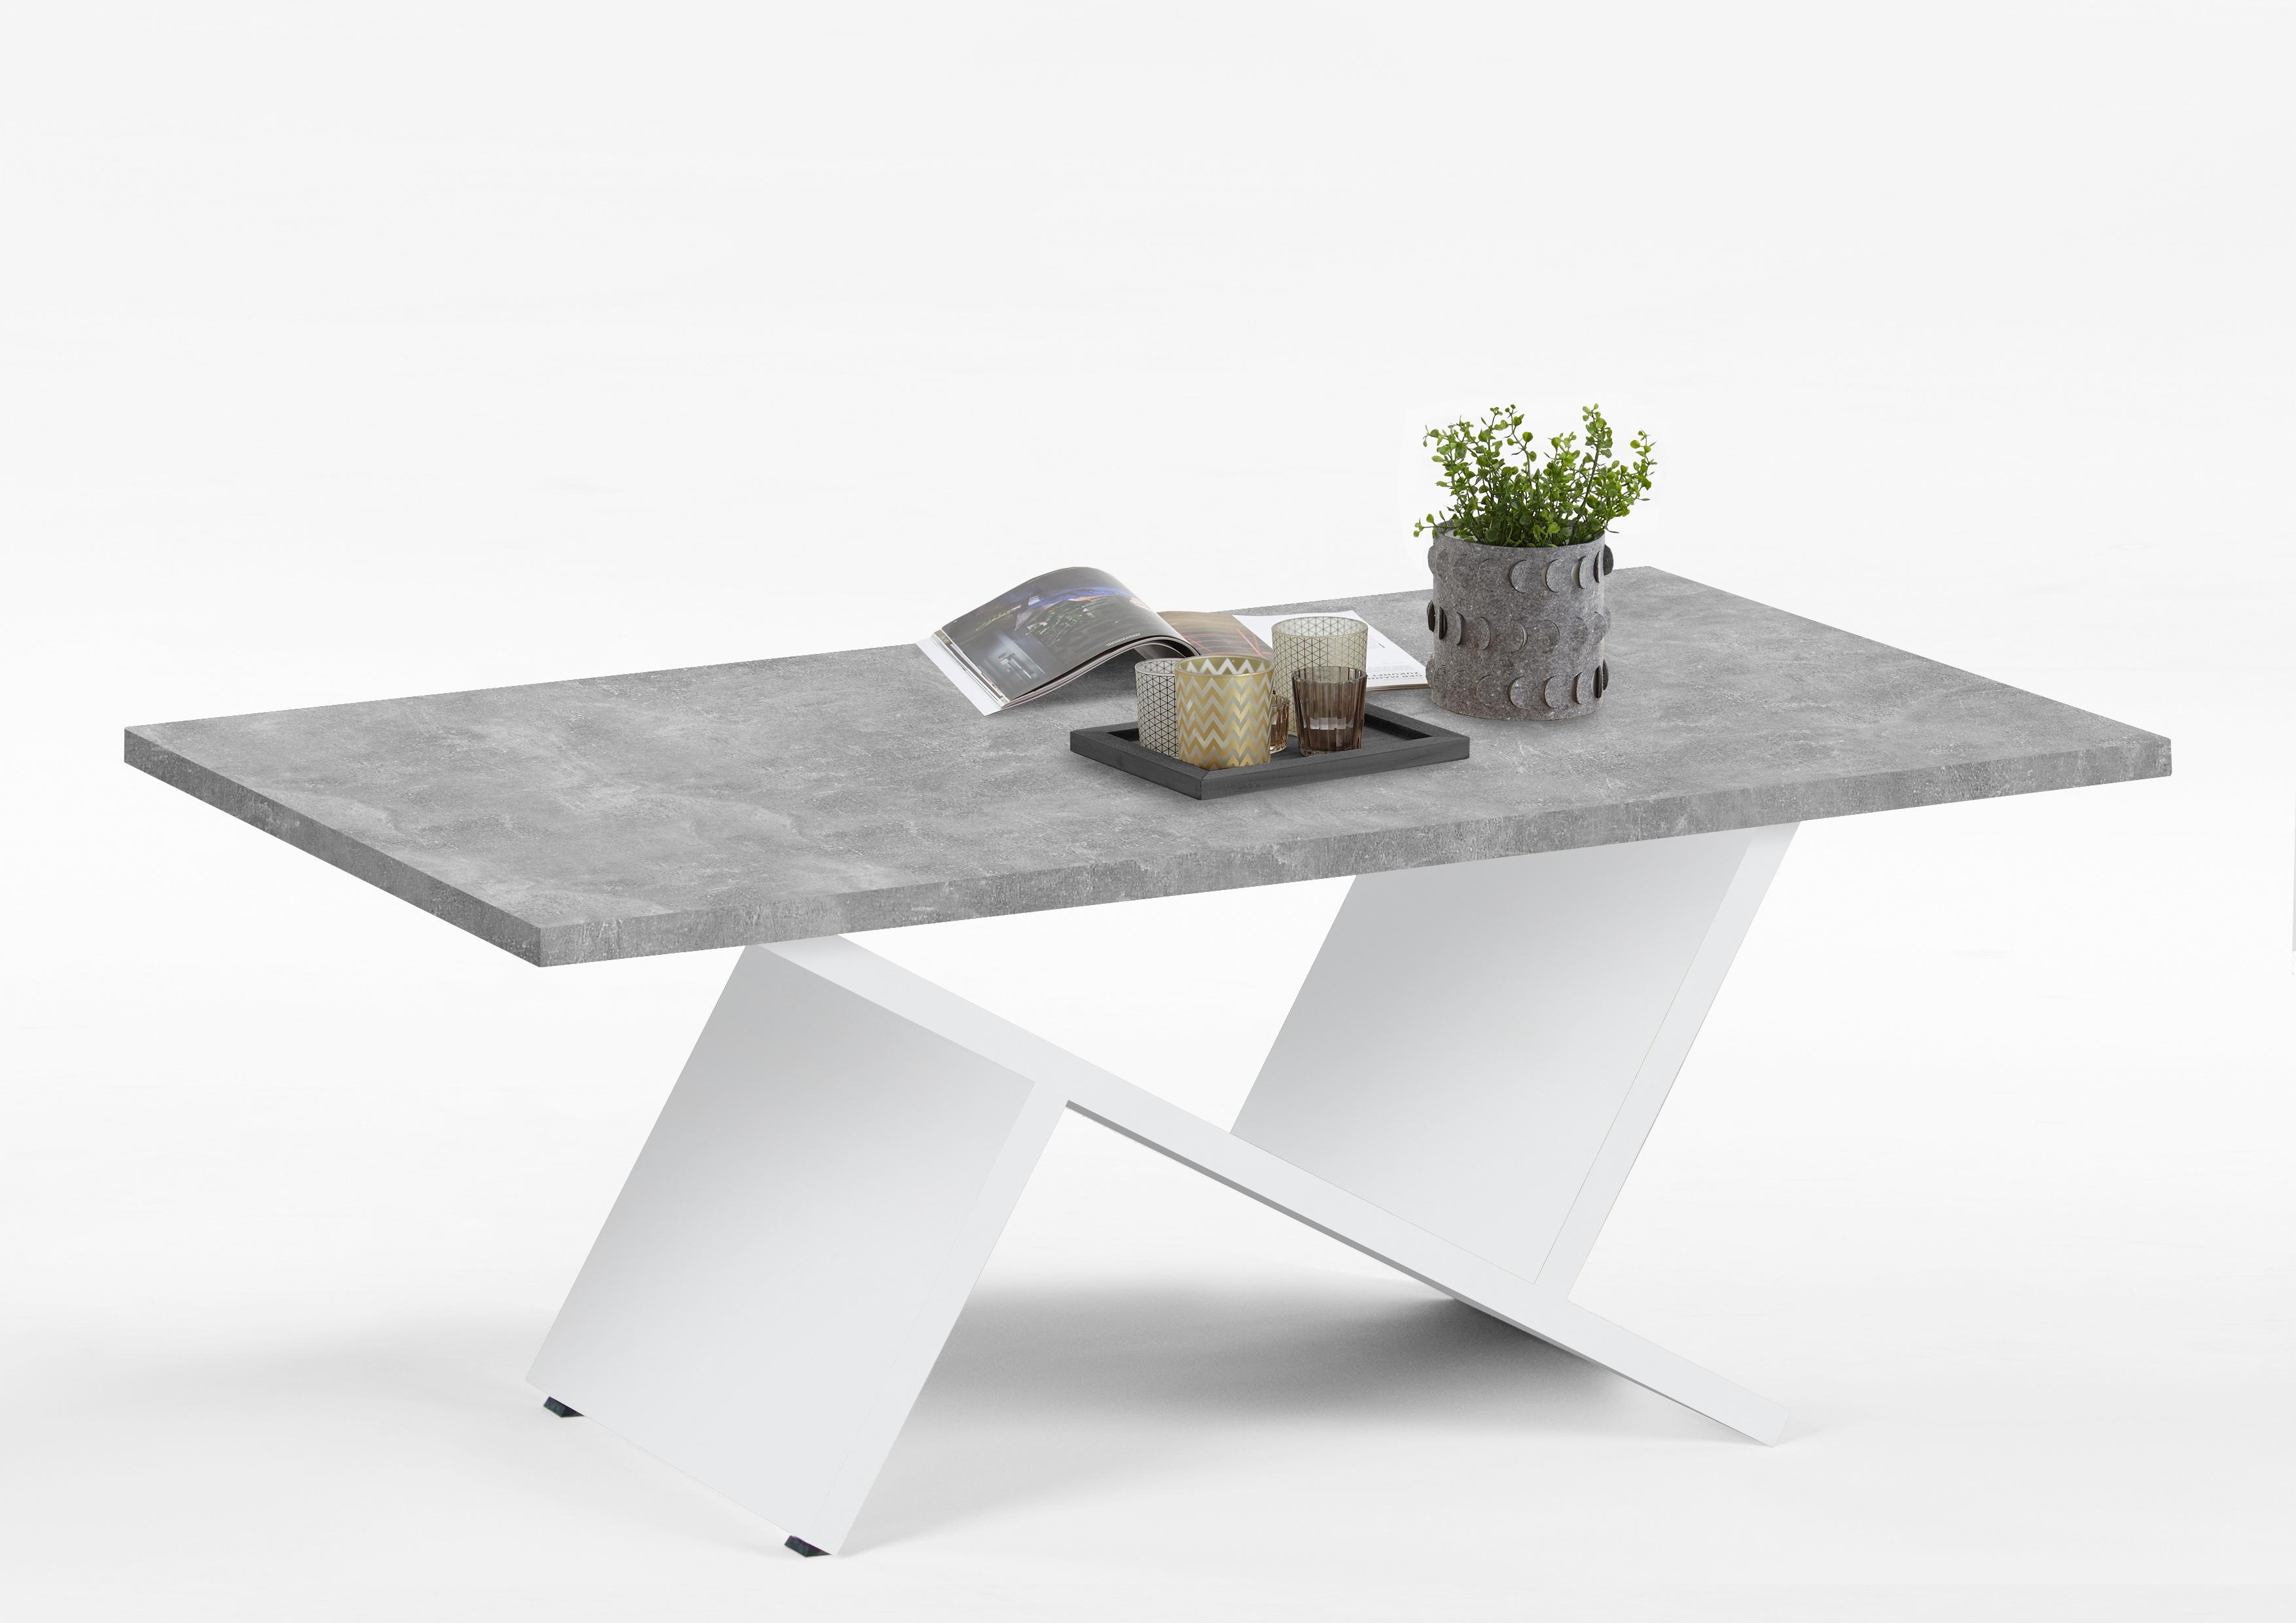 Table Basse Design Gris Beton Blanc Ariana Matelpro